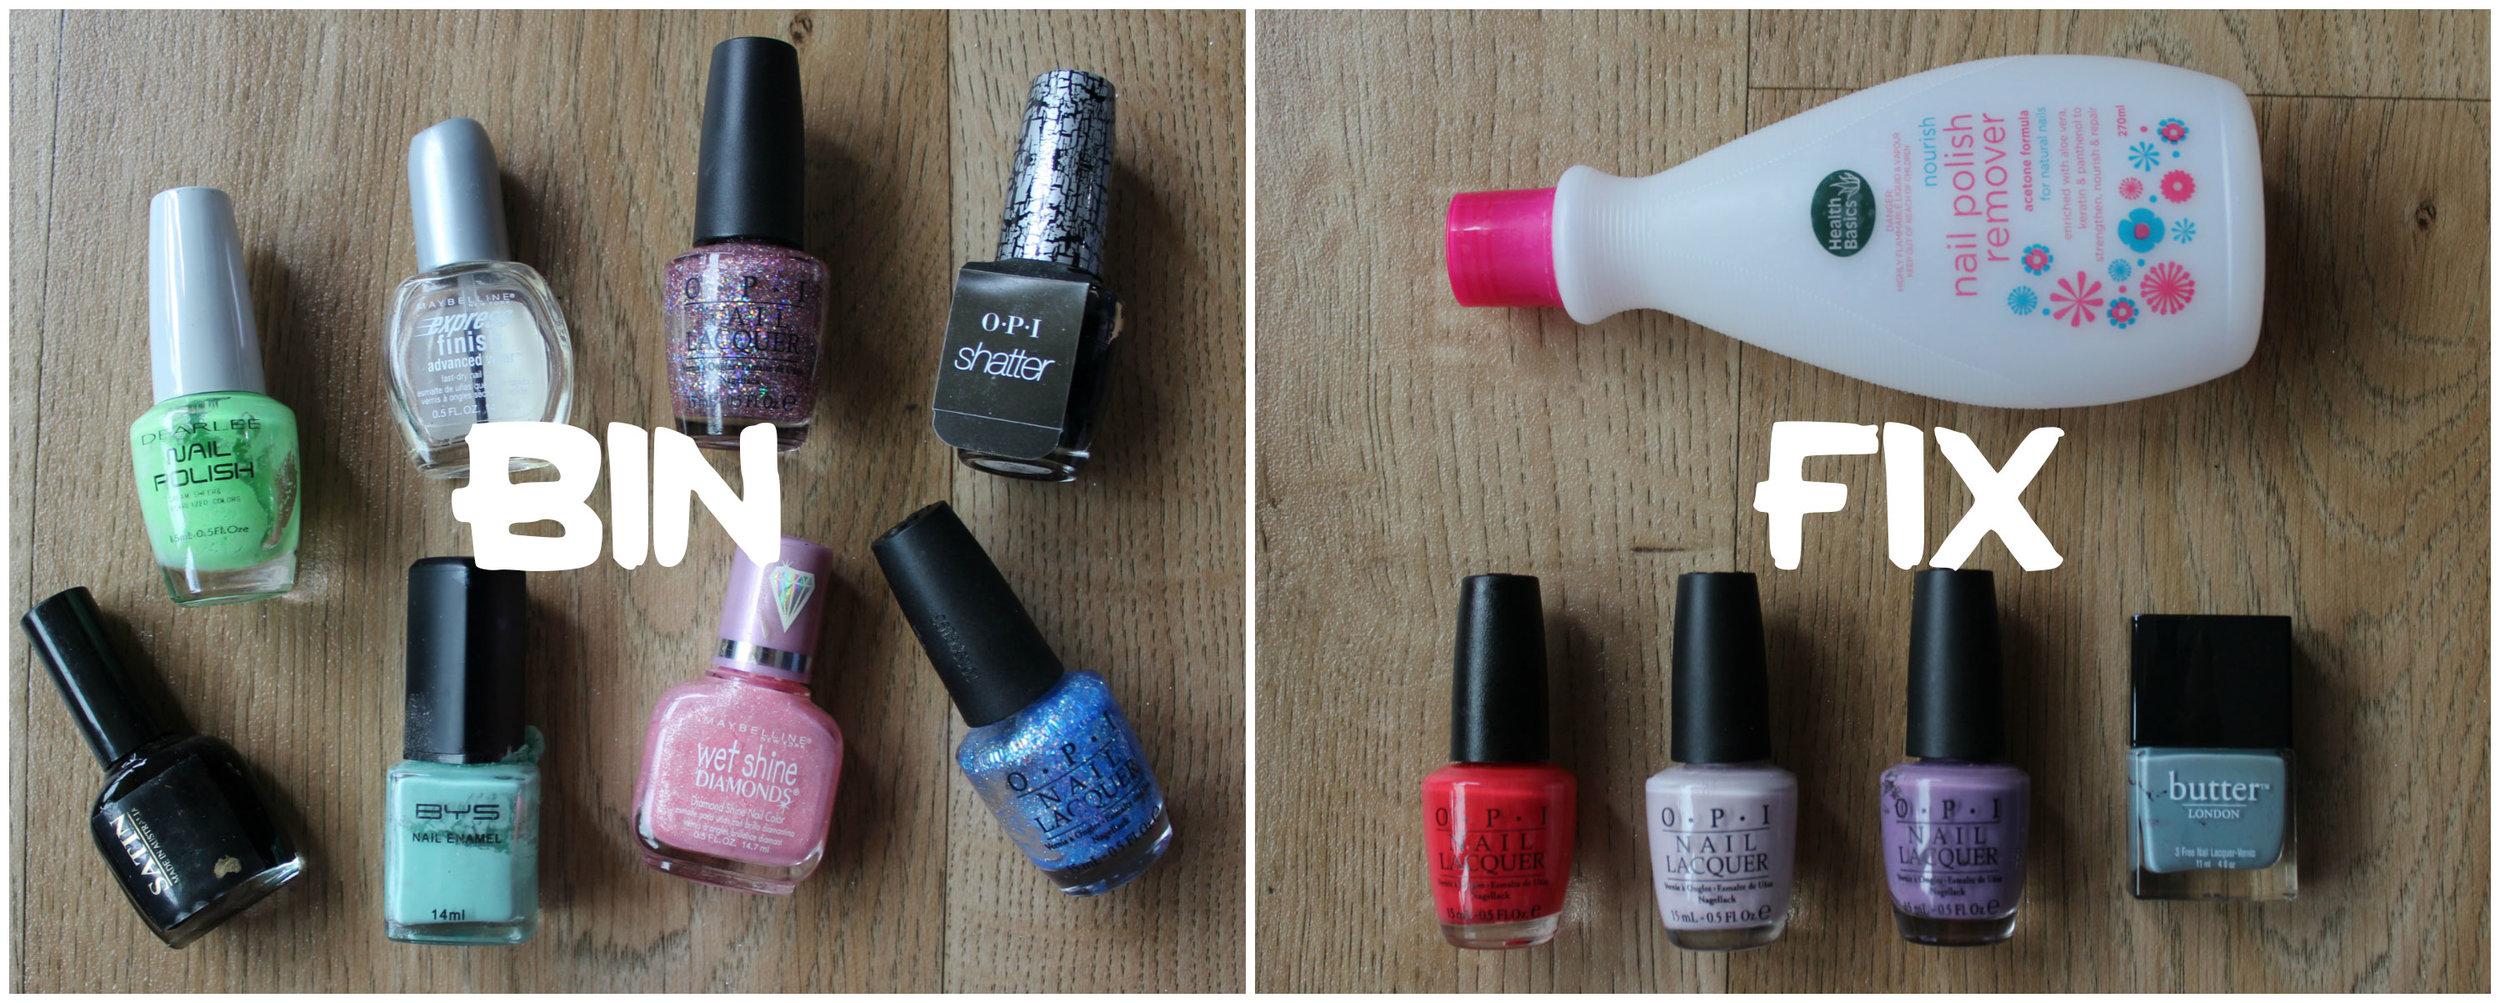 The Nail Polish Clear-Out | EmmaLouisa.com